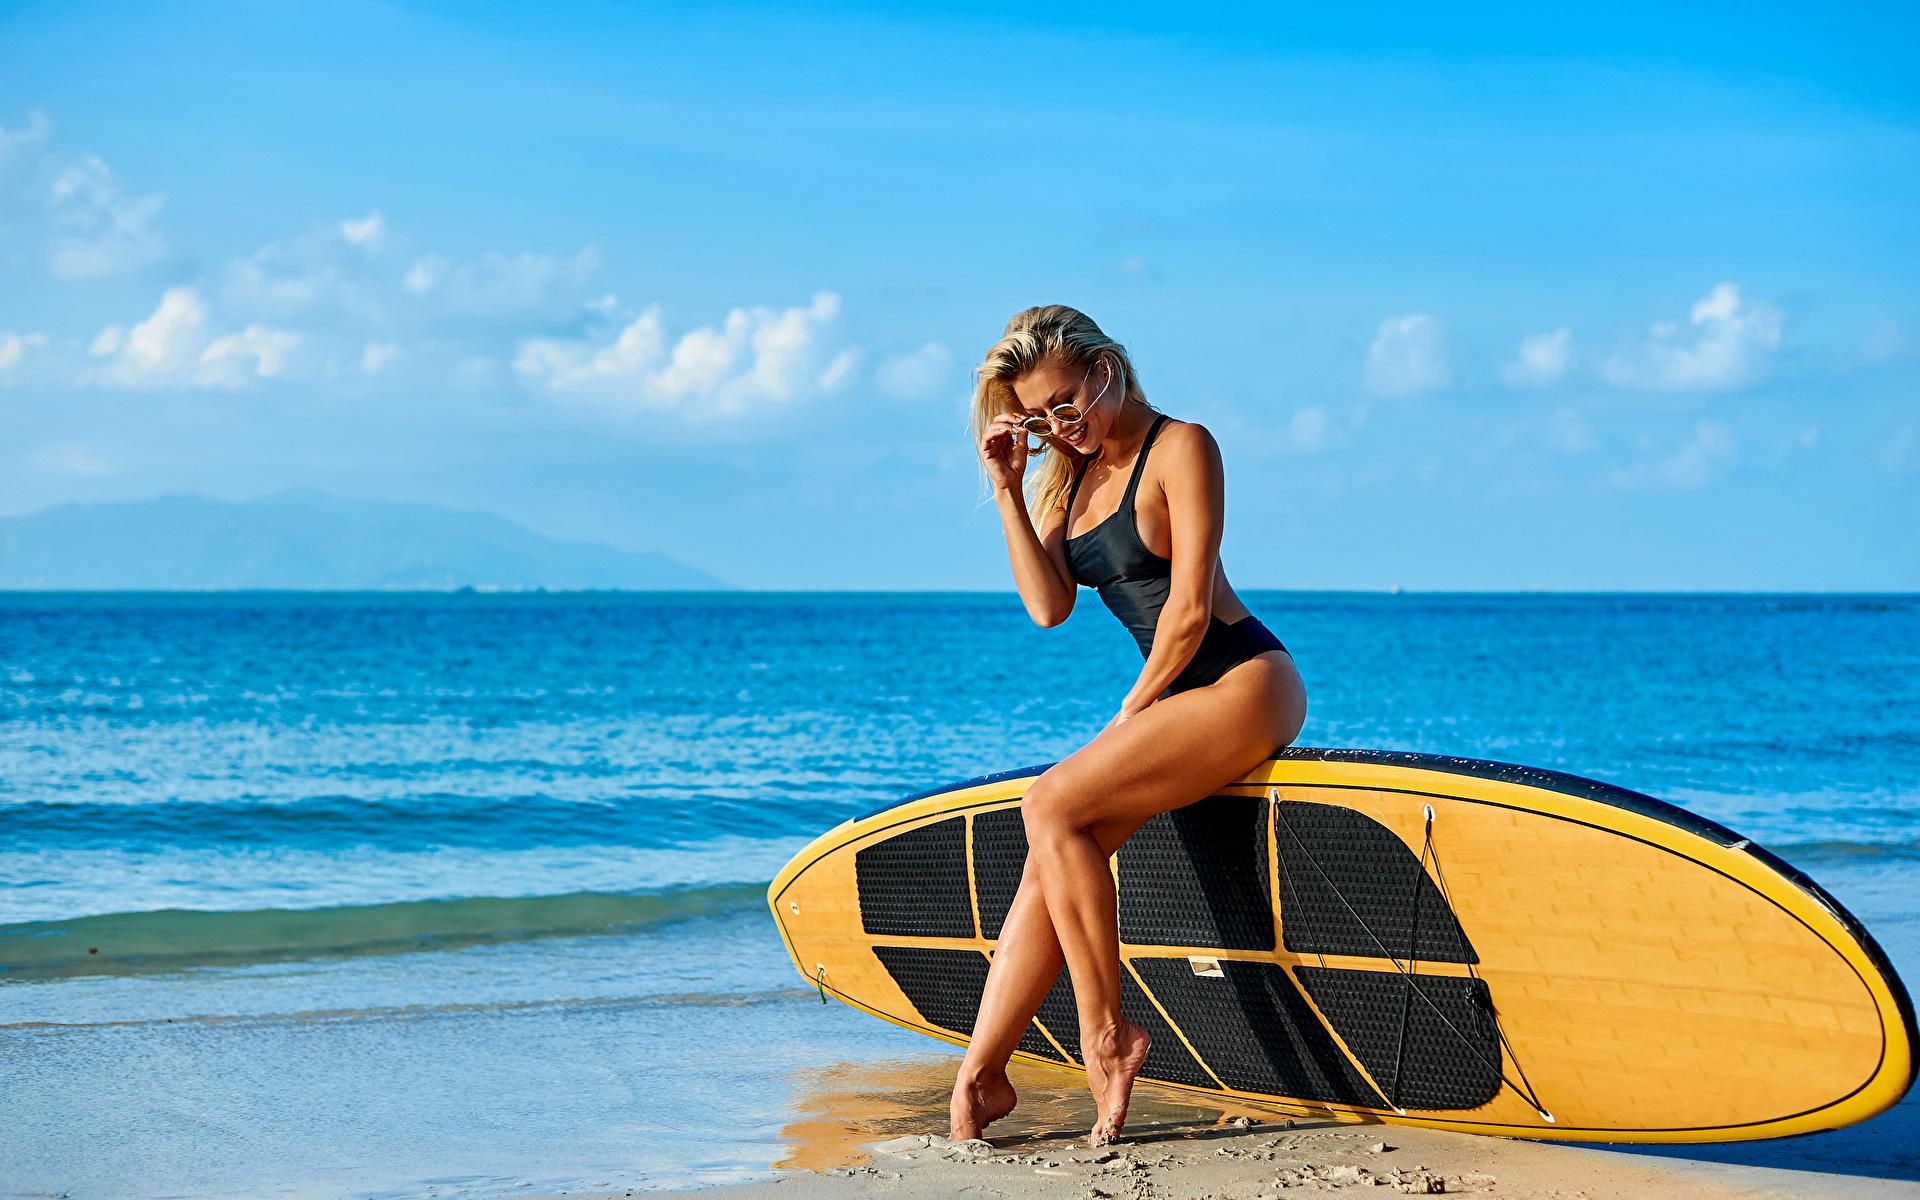 Спортивные девушки на пляже, Сексуальные девушки на пляже Ежедневный мужской 18 фотография